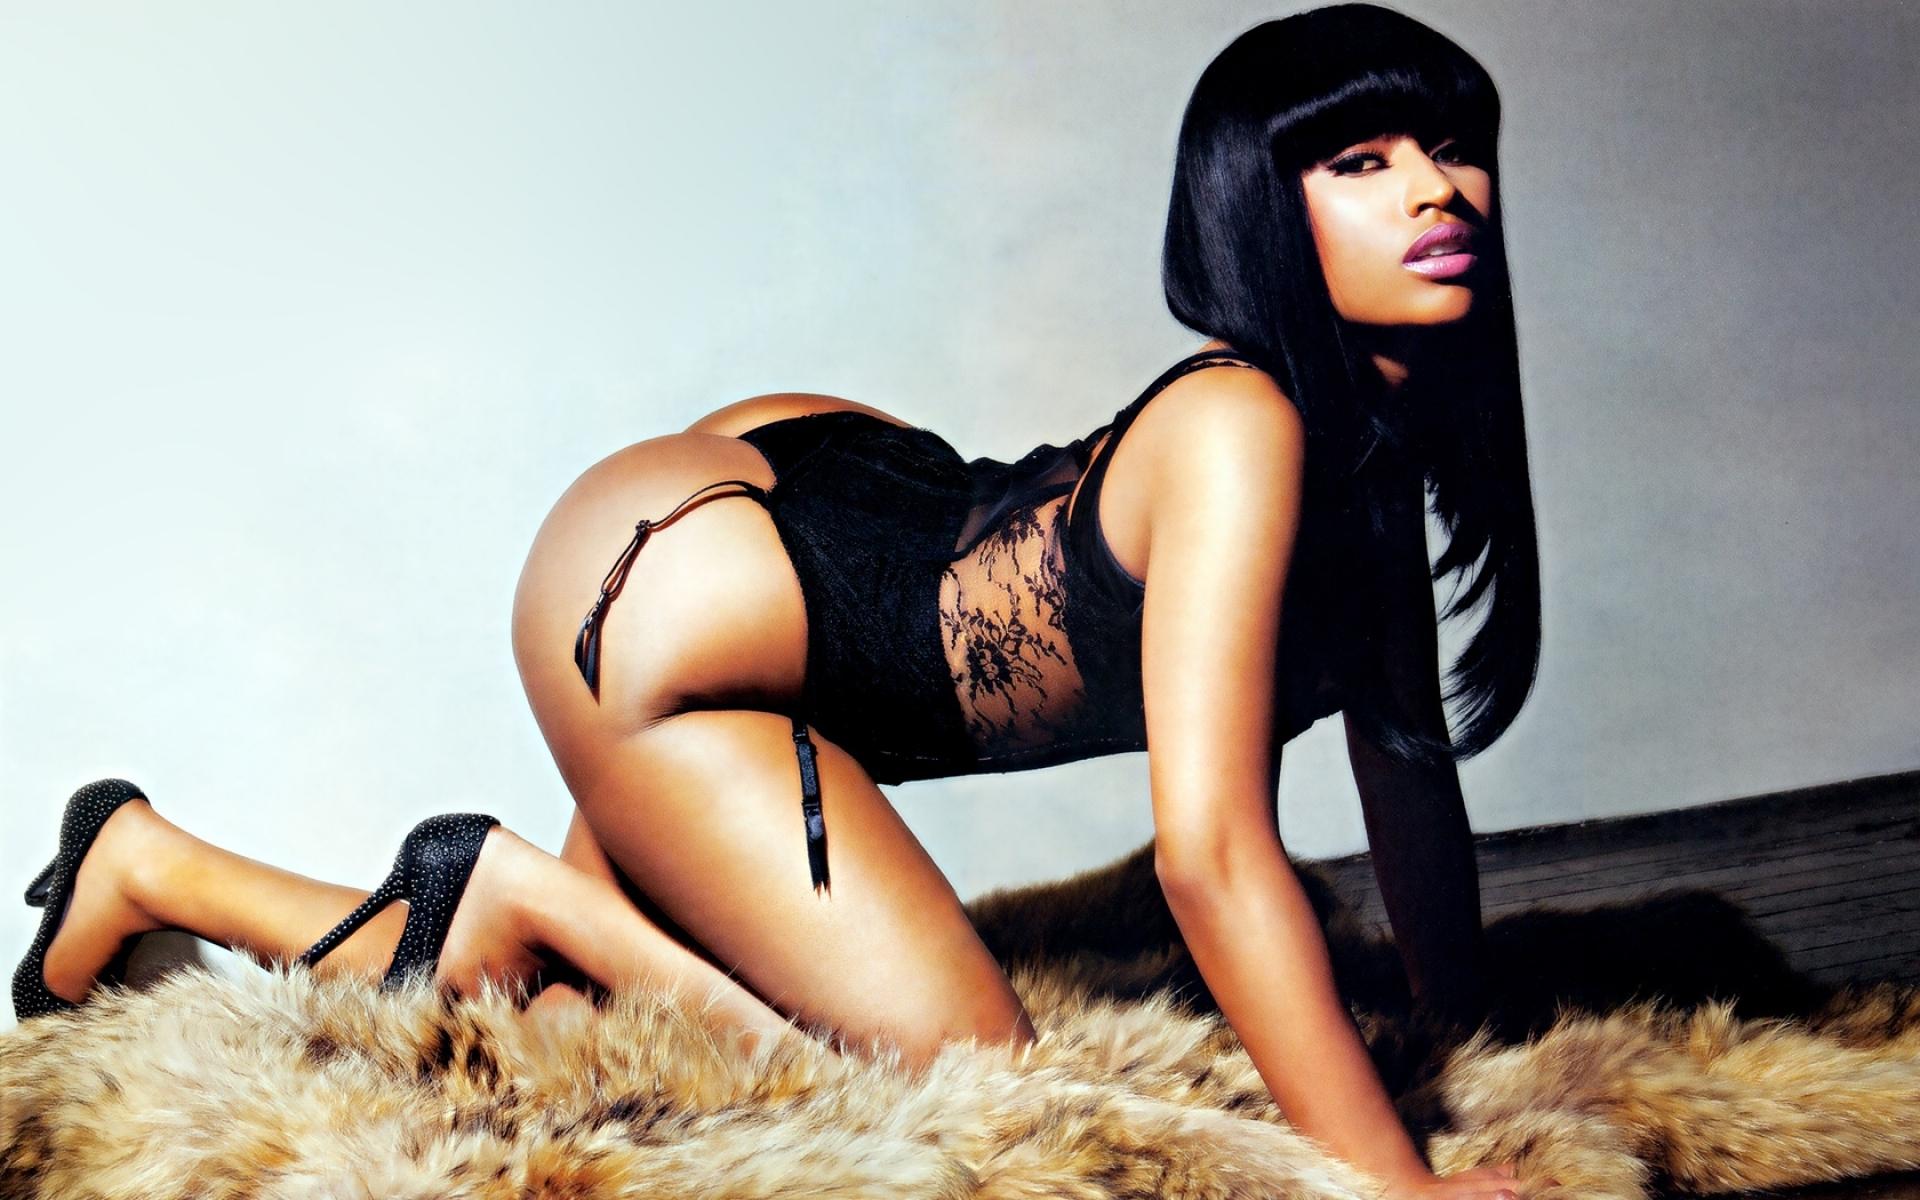 Da Illest feat. Nicki Minaj – Don't Wanna Lose You